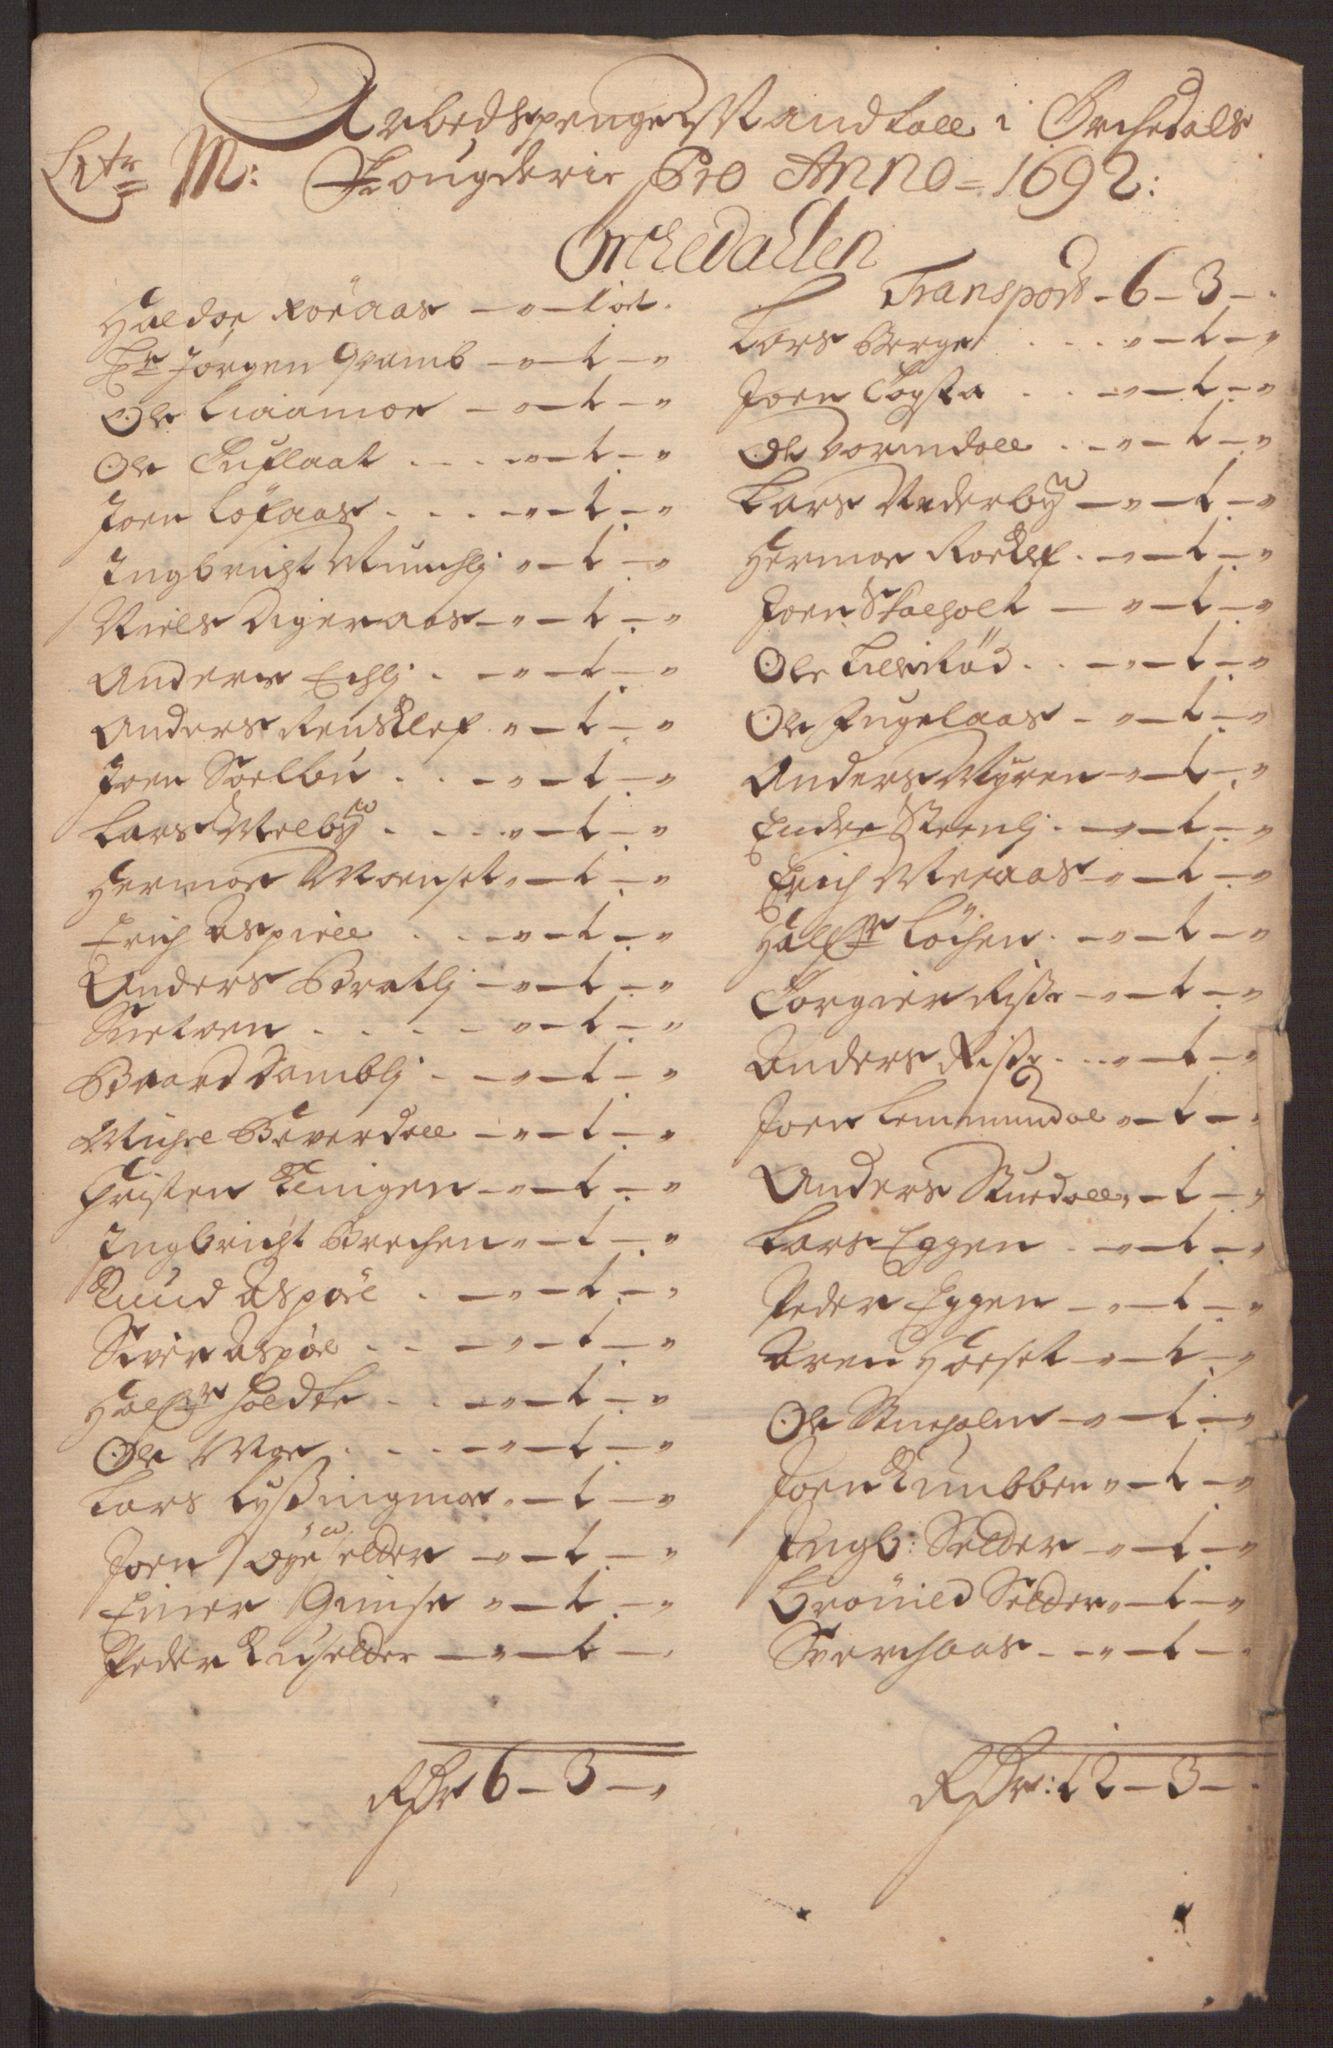 RA, Rentekammeret inntil 1814, Reviderte regnskaper, Fogderegnskap, R58/L3937: Fogderegnskap Orkdal, 1691-1692, s. 319